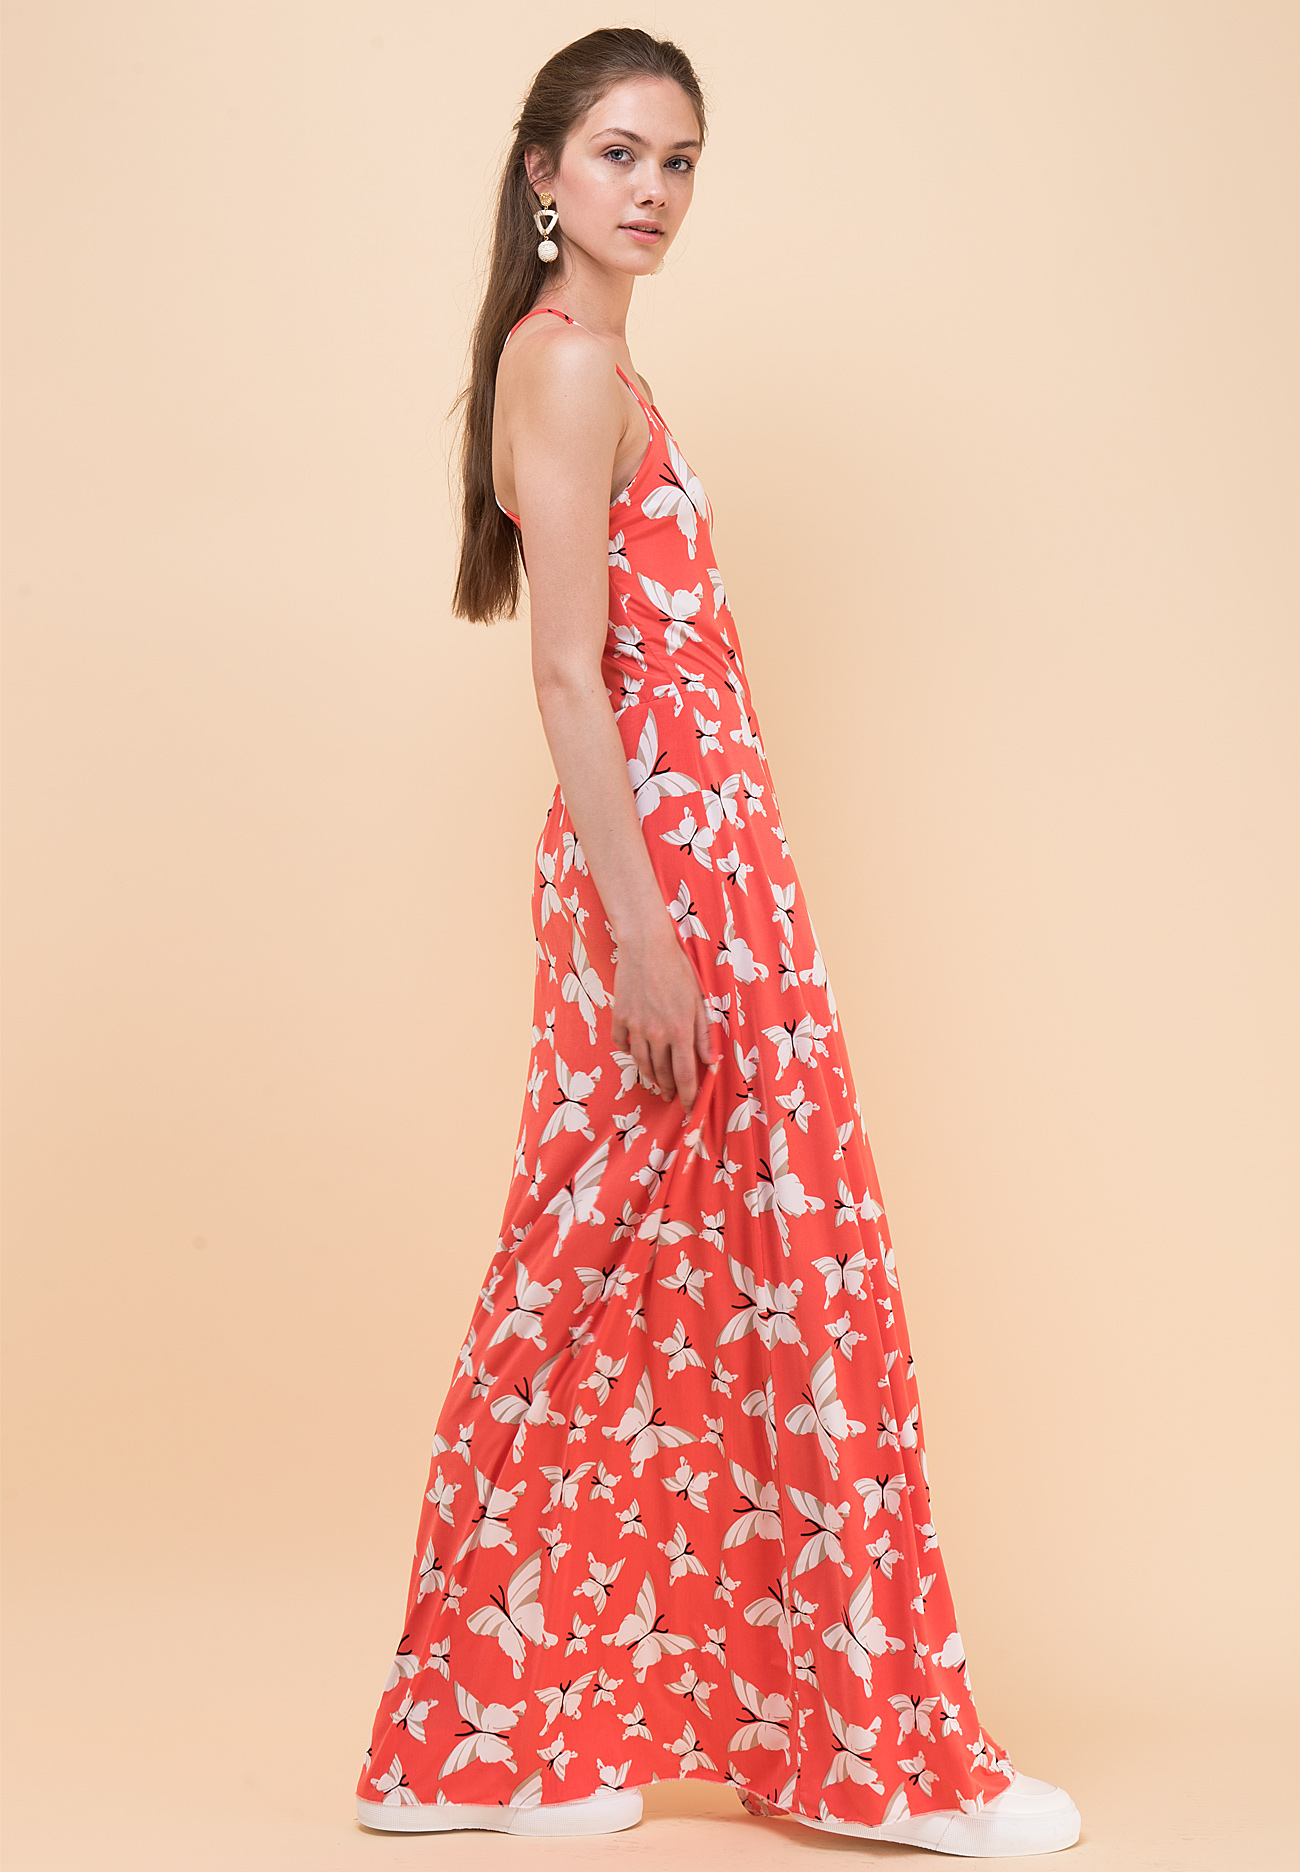 f3b08a291f7 Μακρύ εμπριμέ φόρεμα με άνοιγμα στη πλάτη - ZIC ZAC